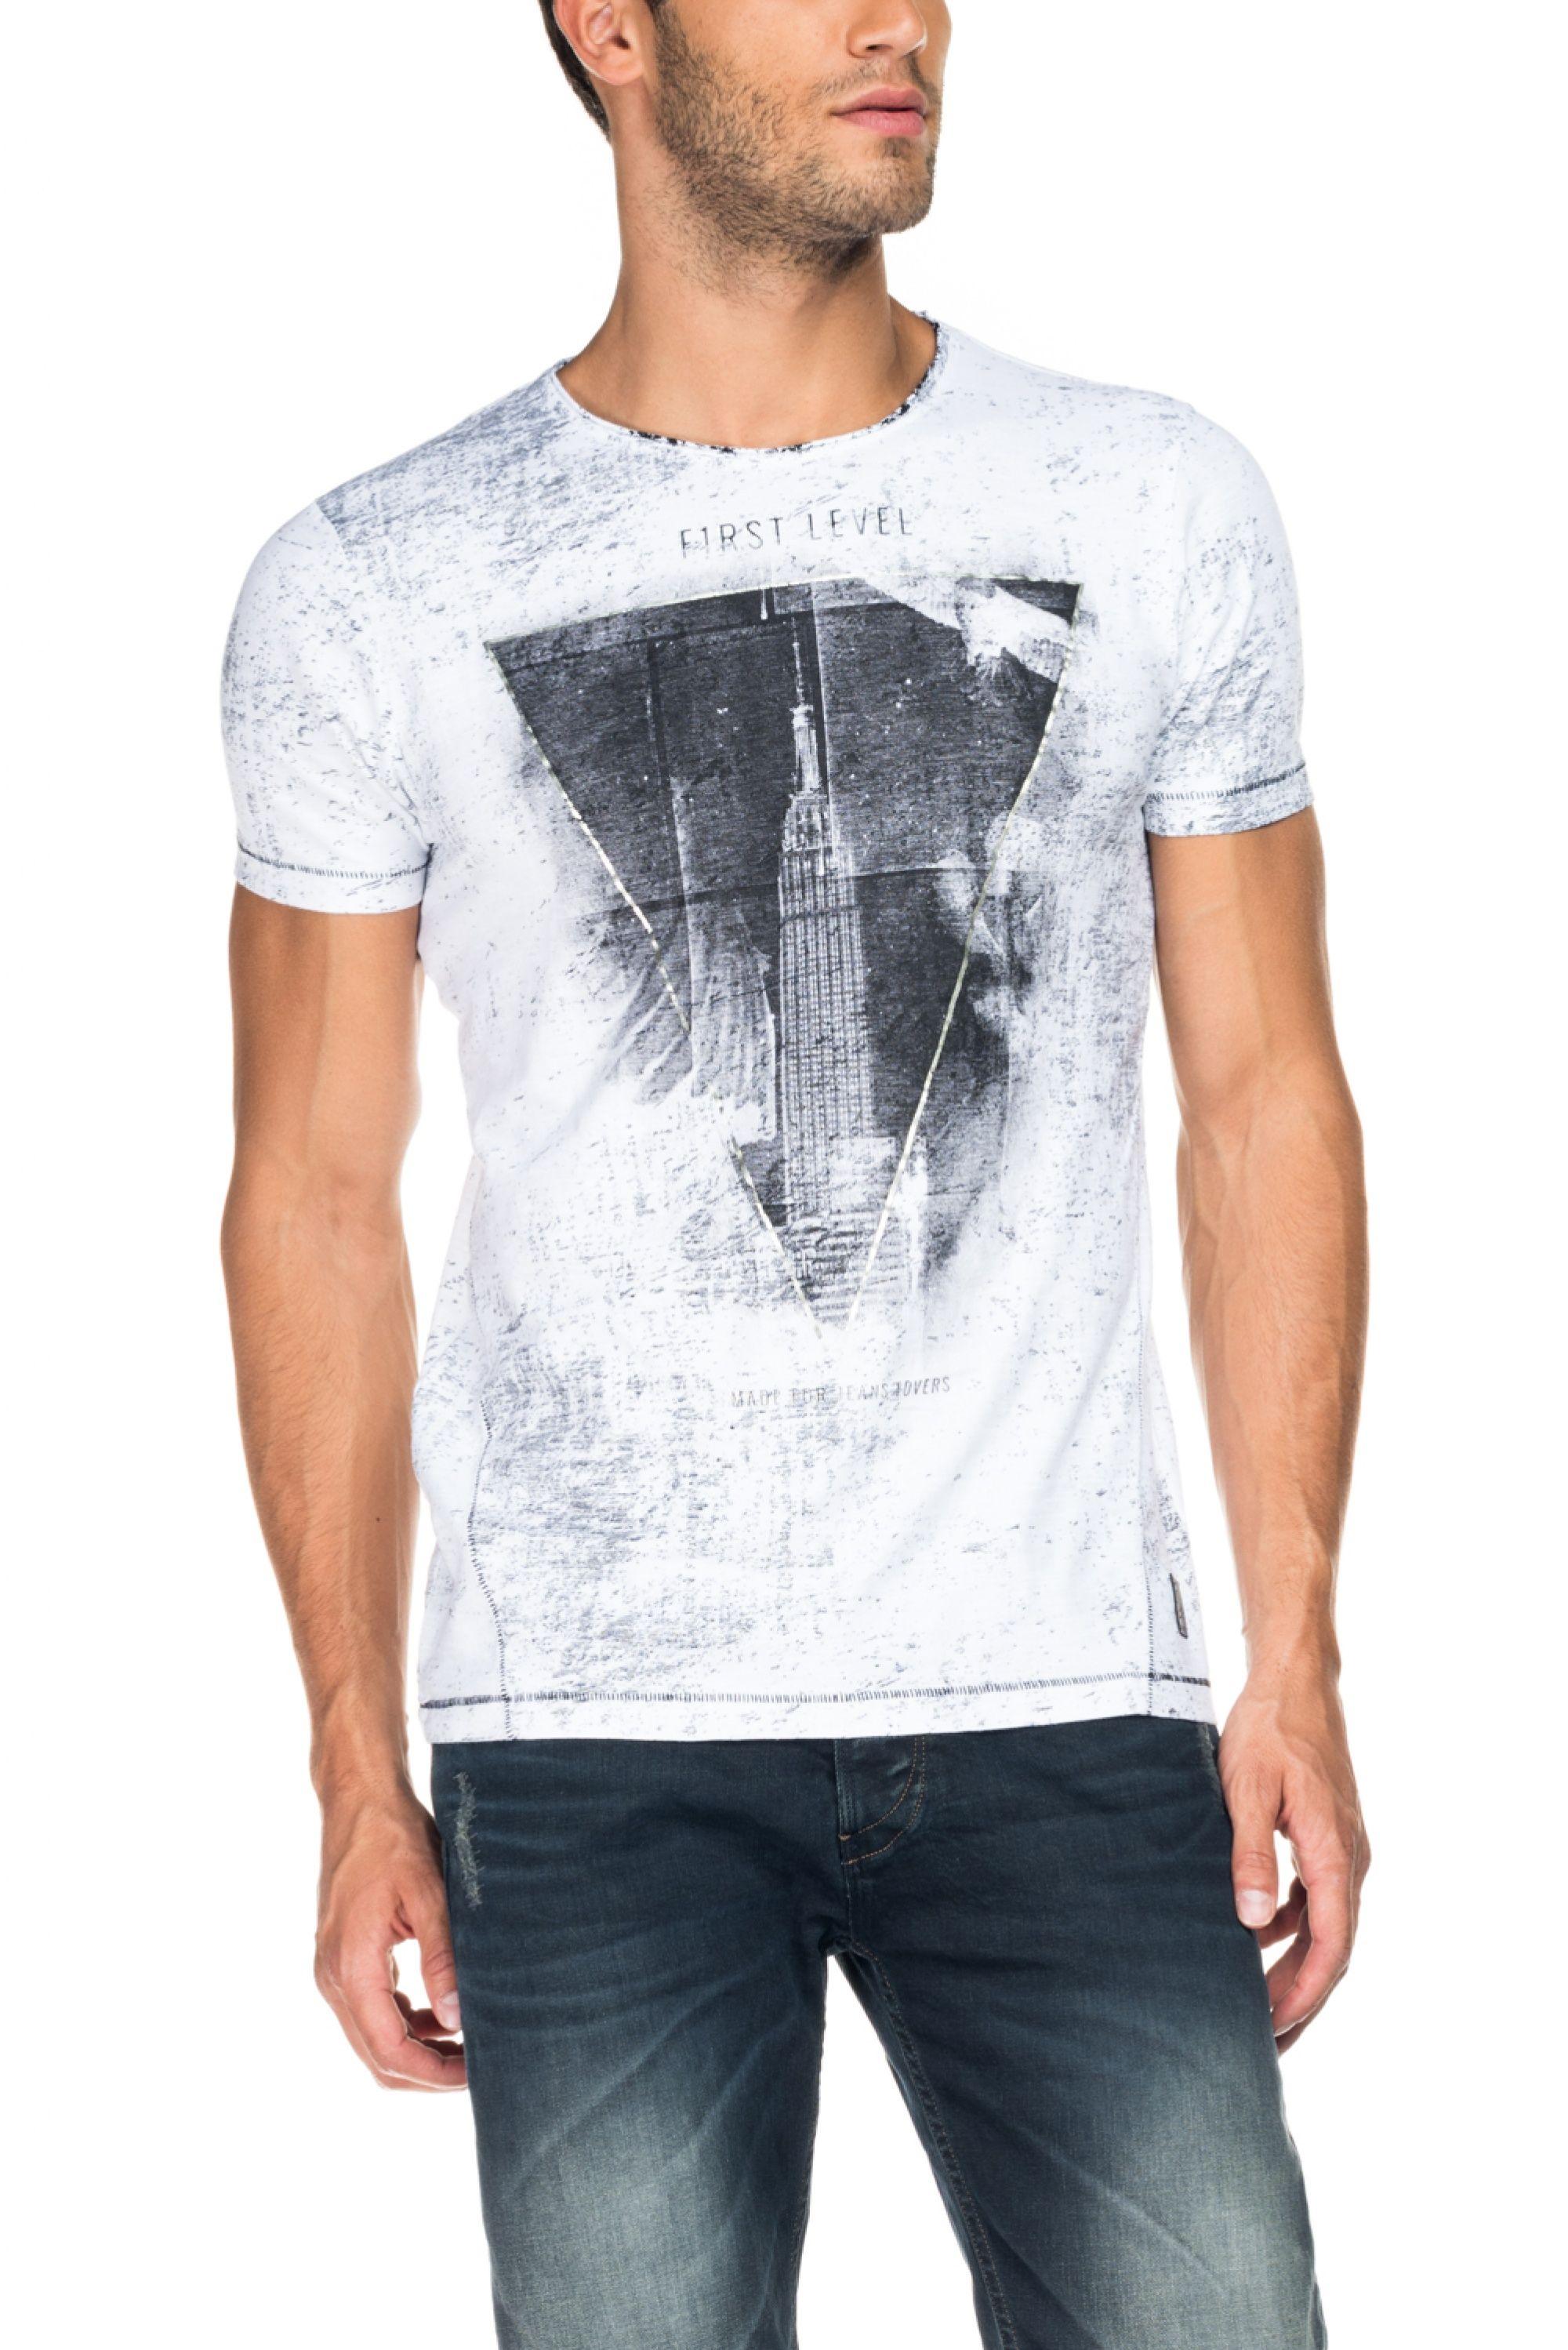 Frontal Tingimento T Shirt Level Gráfico Allover 1st 115704 Com E ZnxOFavwqH